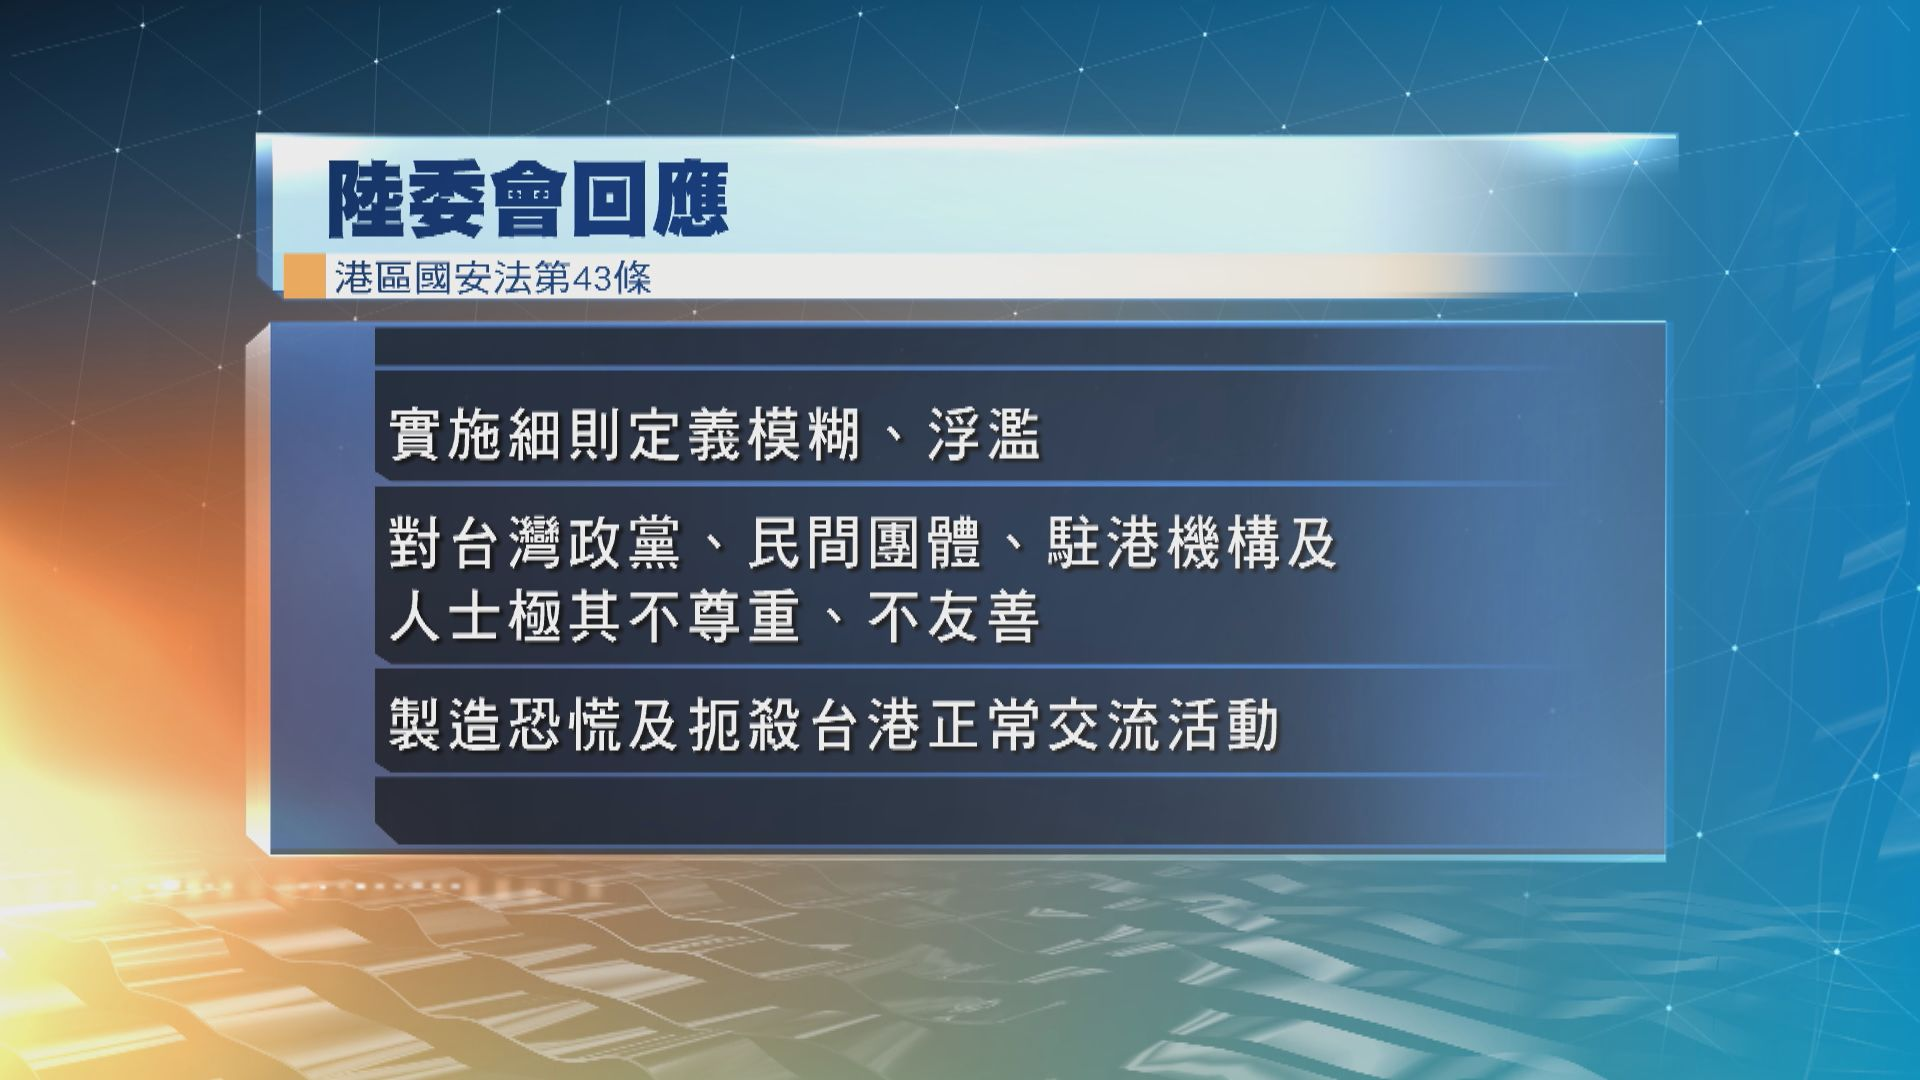 陸委會:國安法43條實施細則形同無限擴權的思想審查